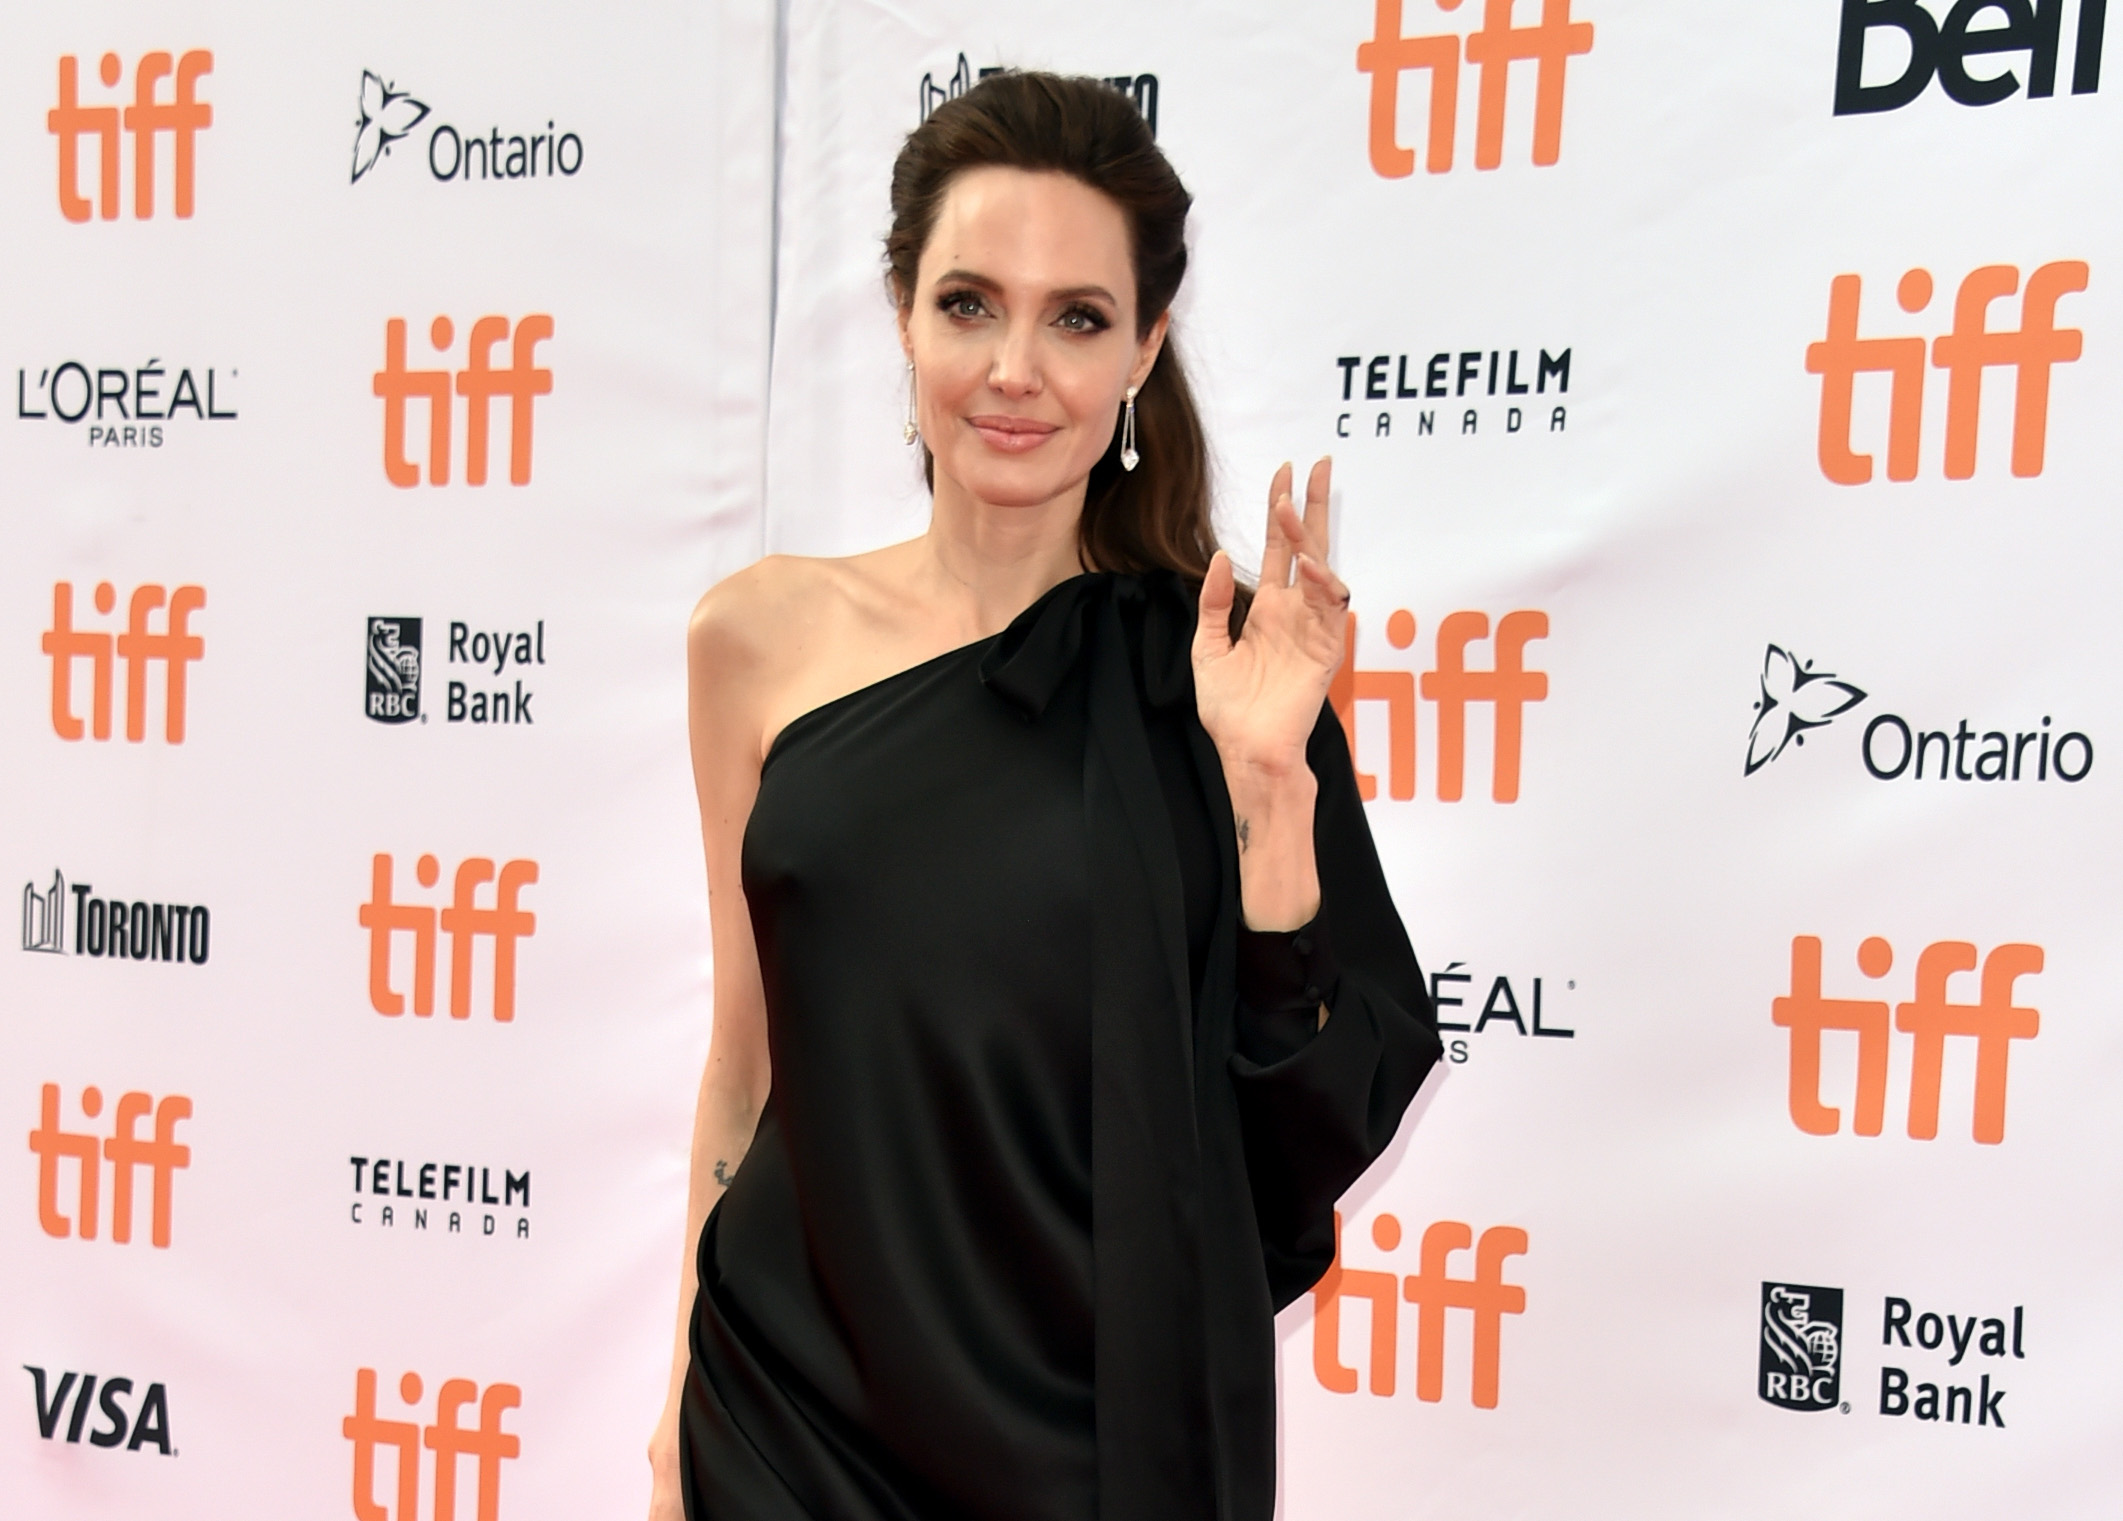 """Анджелина Джоли- една от най-красивите, талантливи и състрадателни жени в Холивуд, за втори път даде урок по стил на филмовия фестивал в Торонто., На премиерата на филма си """"Първо убиха баща ми"""" носителката на Оскар се появи в черна асиметрична рокля наRalph & Russo."""